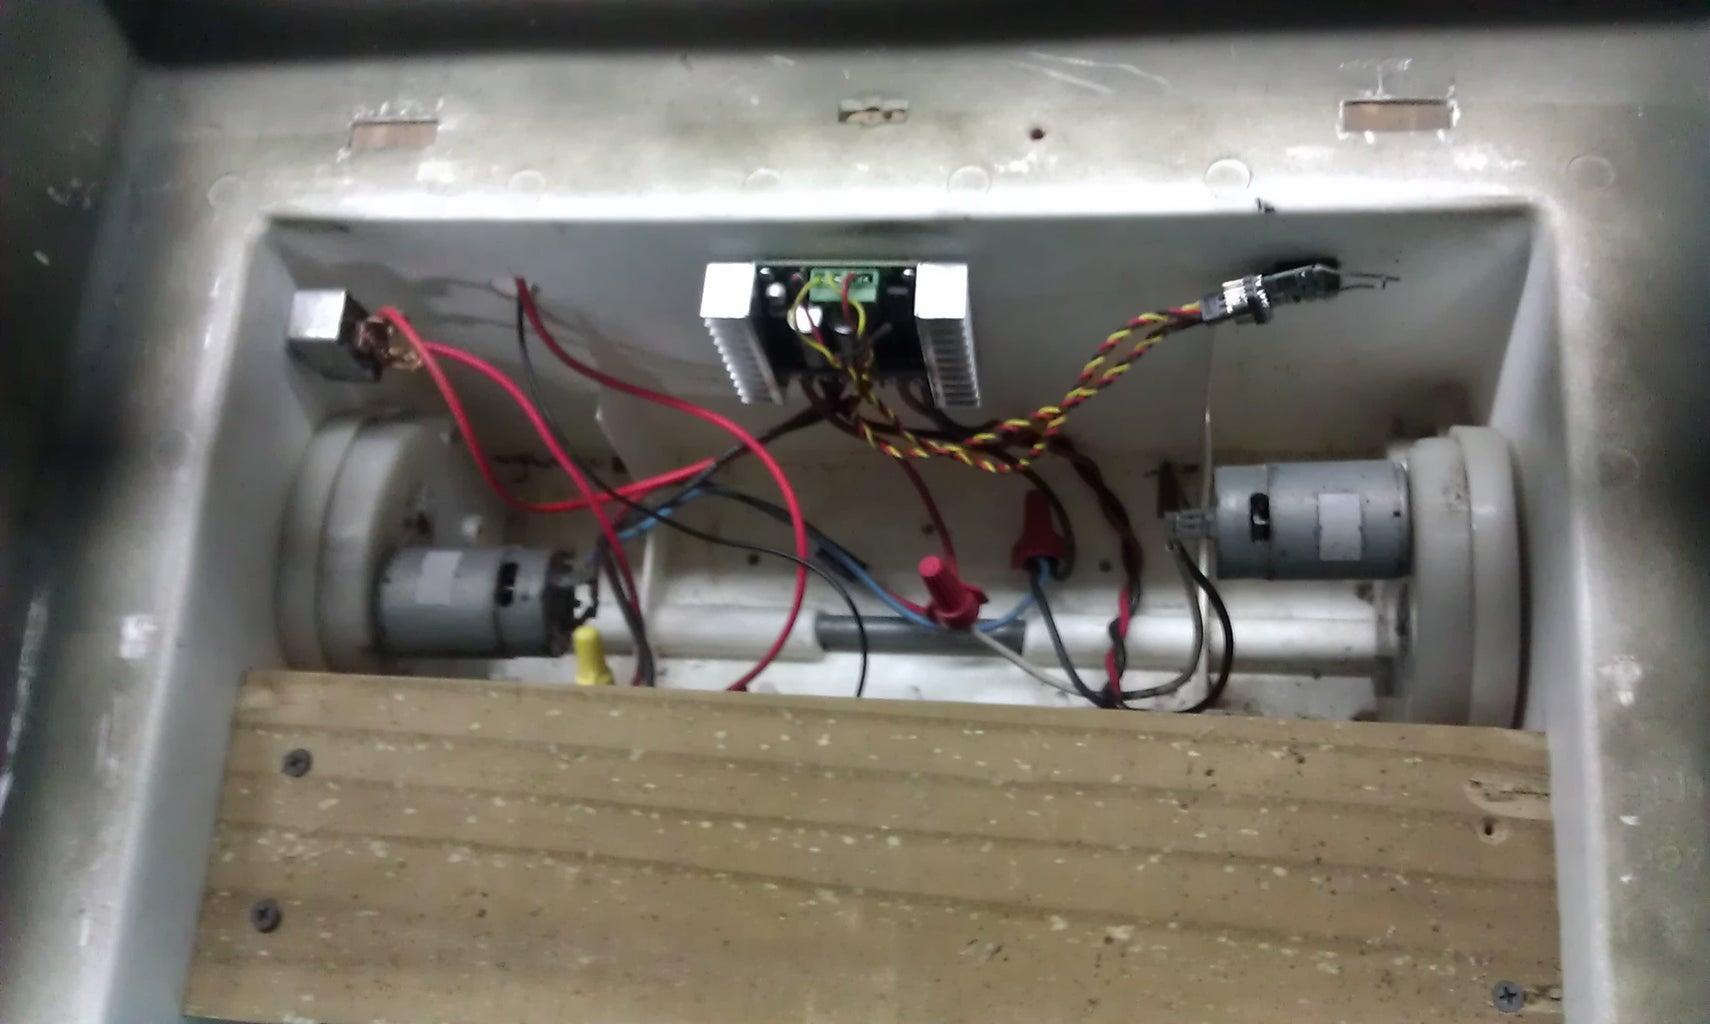 Wiring the Powerwheels Motors